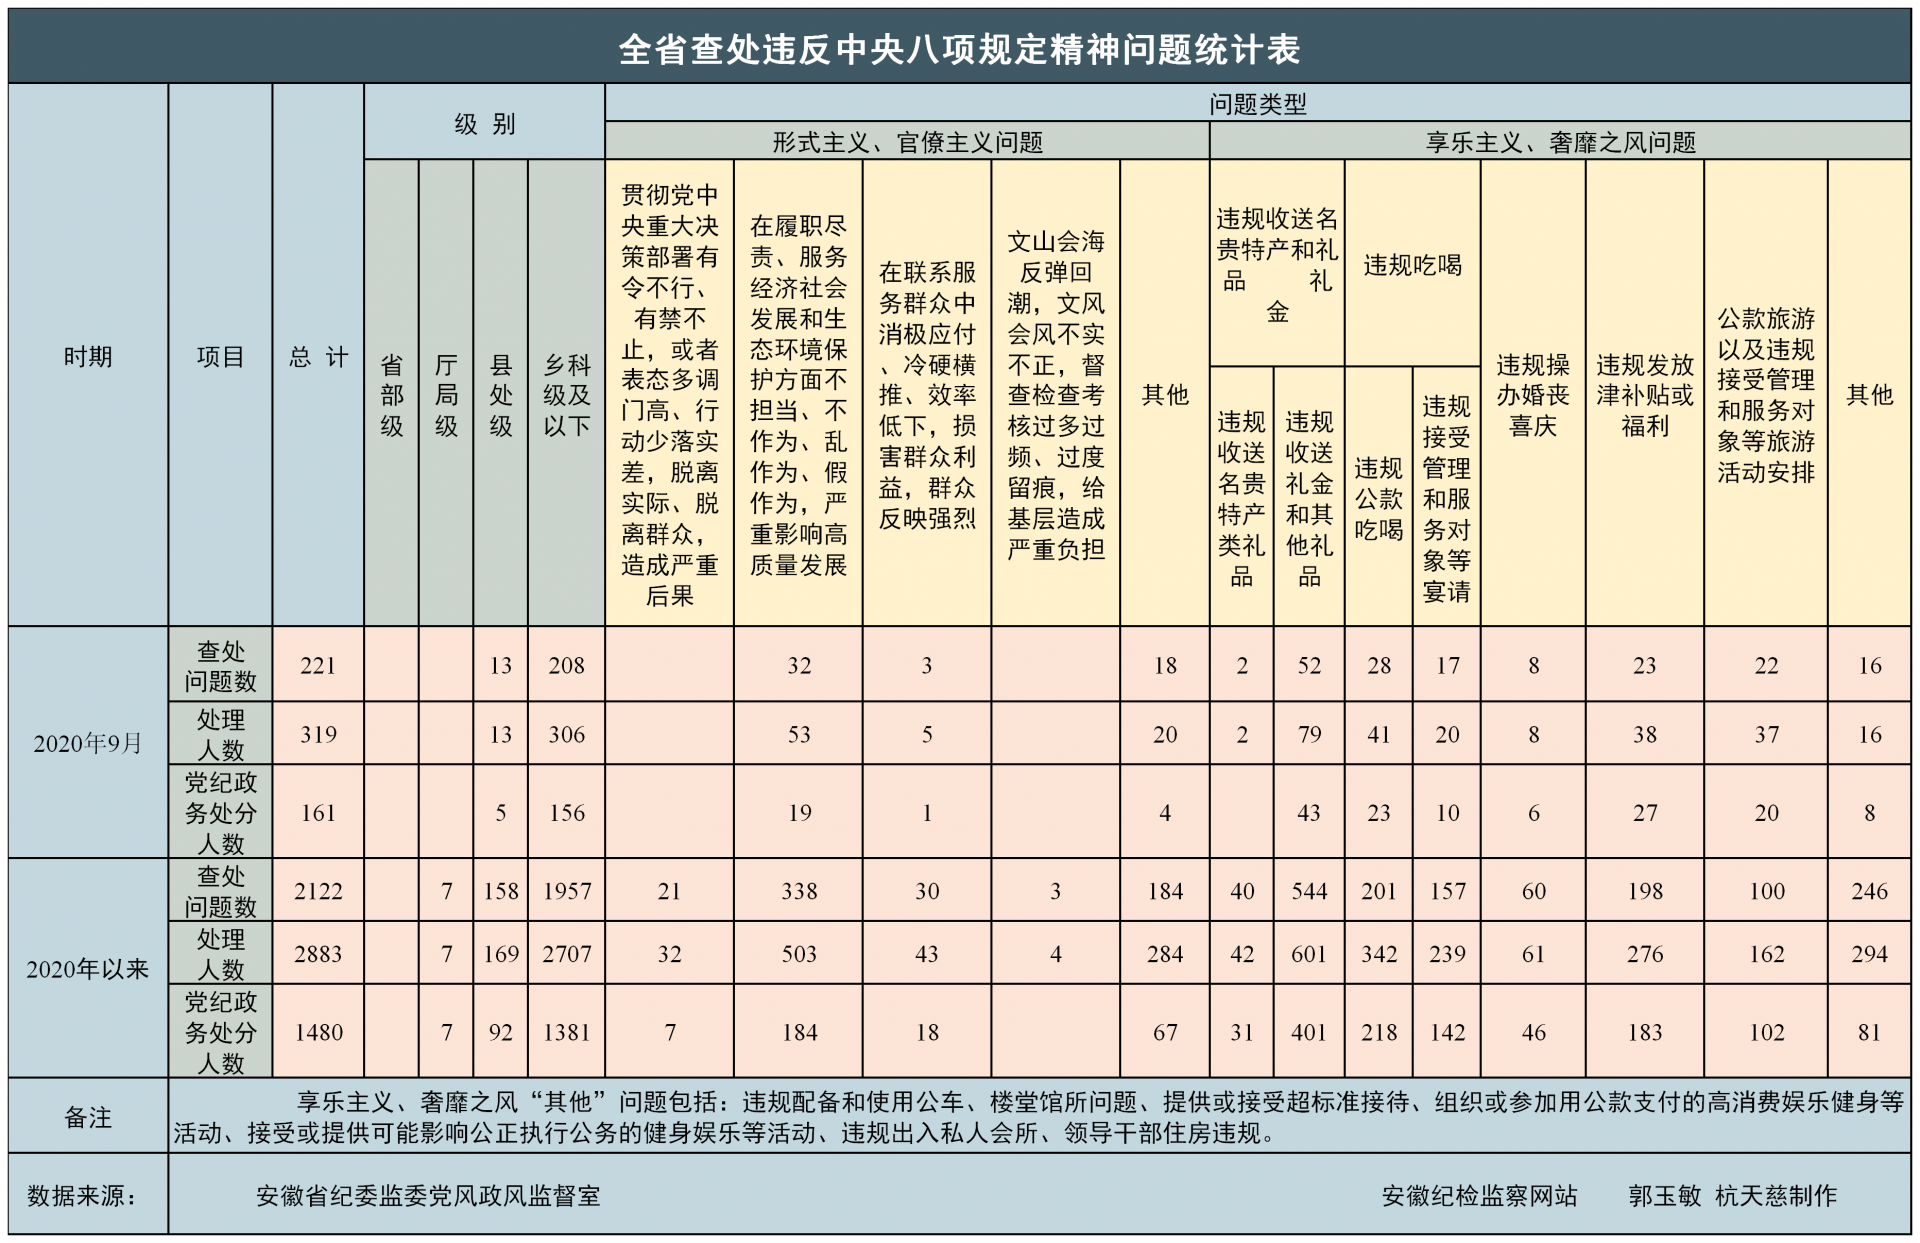 安徽省2020年9月查处违反中央八项规定精神问题221起